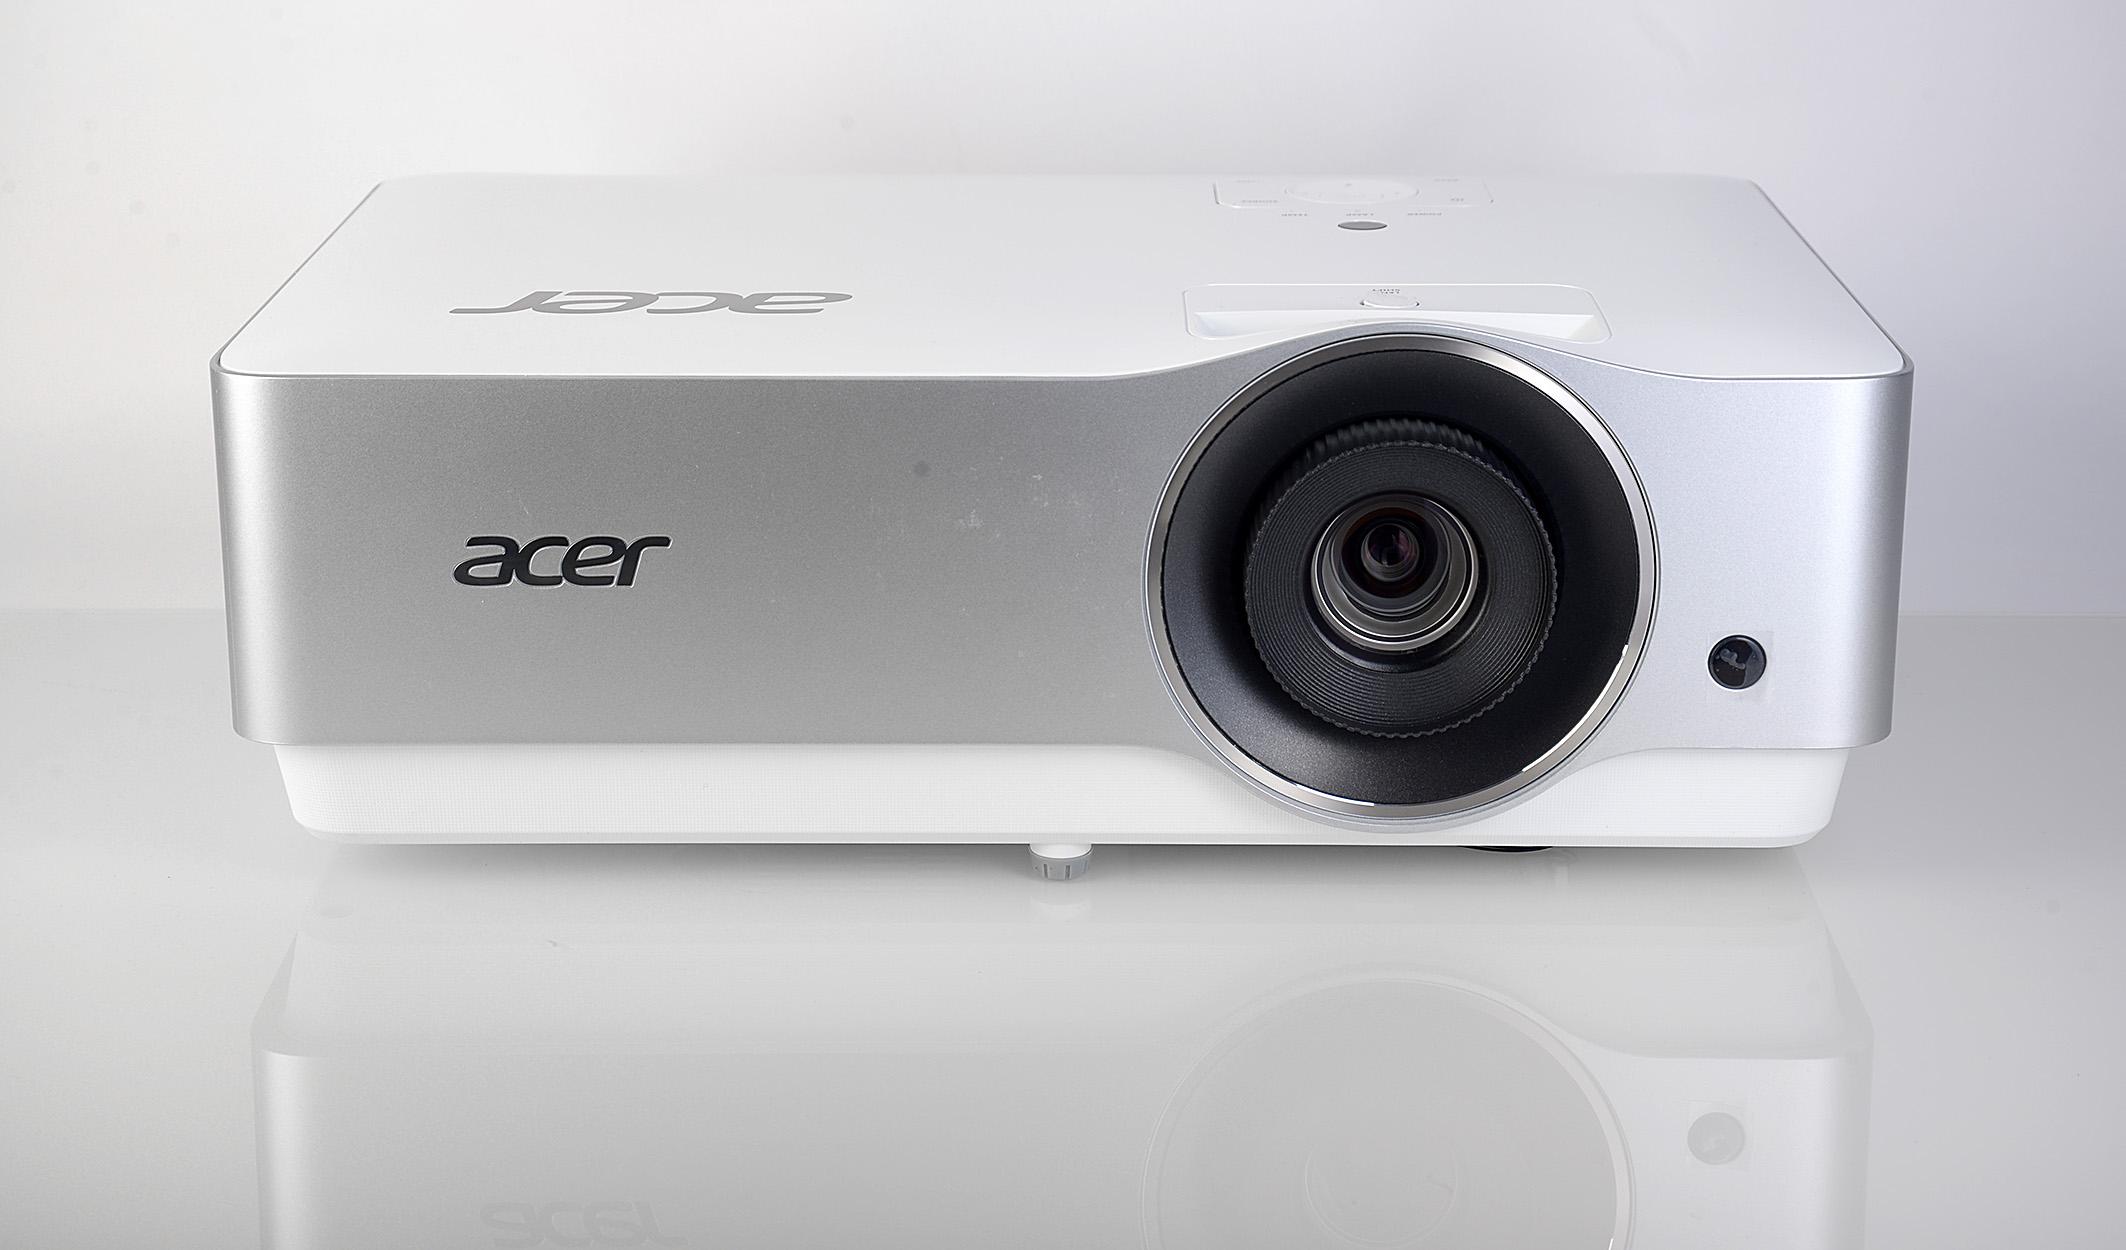 Foto: Michael B. Rehders Dank seines silbergrau/weißen Gehäuses lässt sich der Acer VL7860 gut in hellen Wohnstuben integrieren.